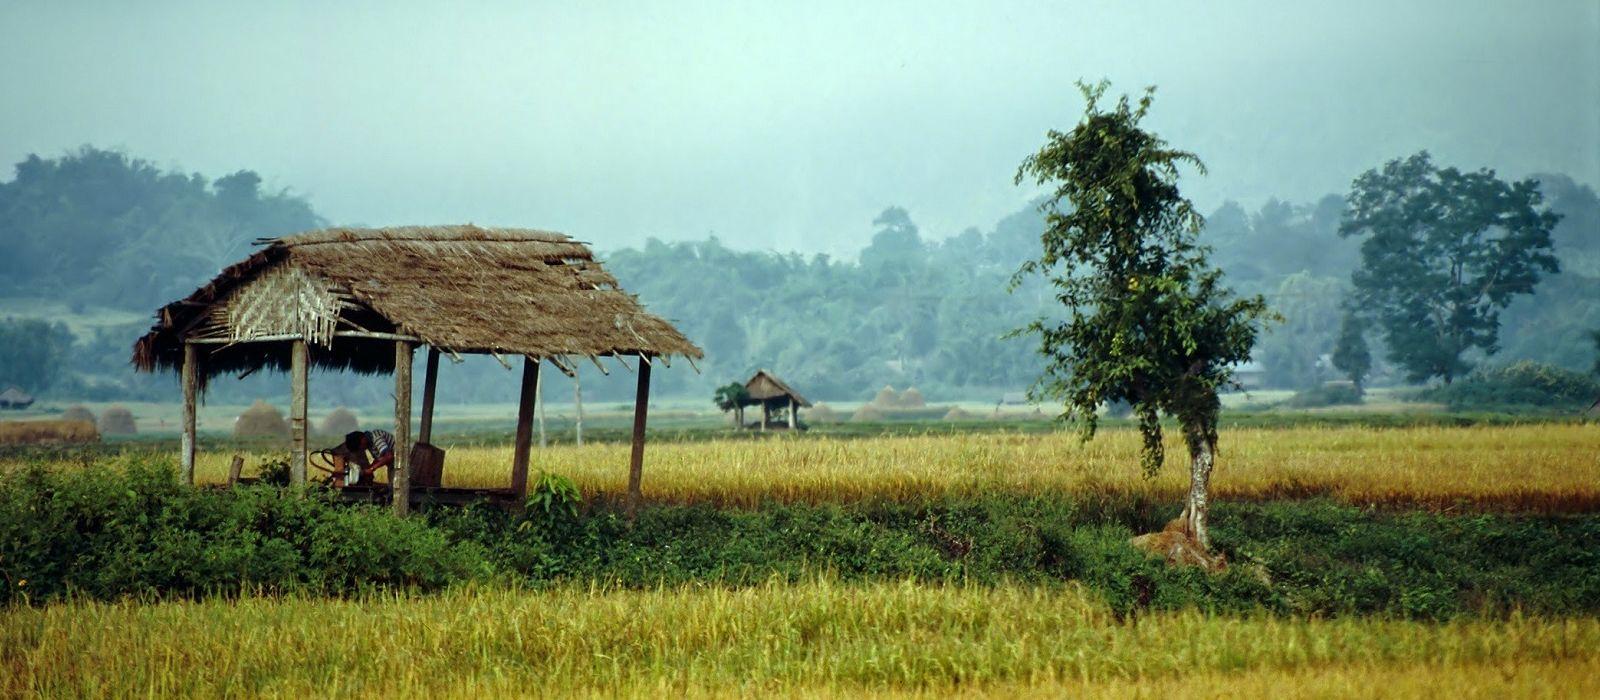 Kultur und Landschaften im Herzen Myanmars Urlaub 7